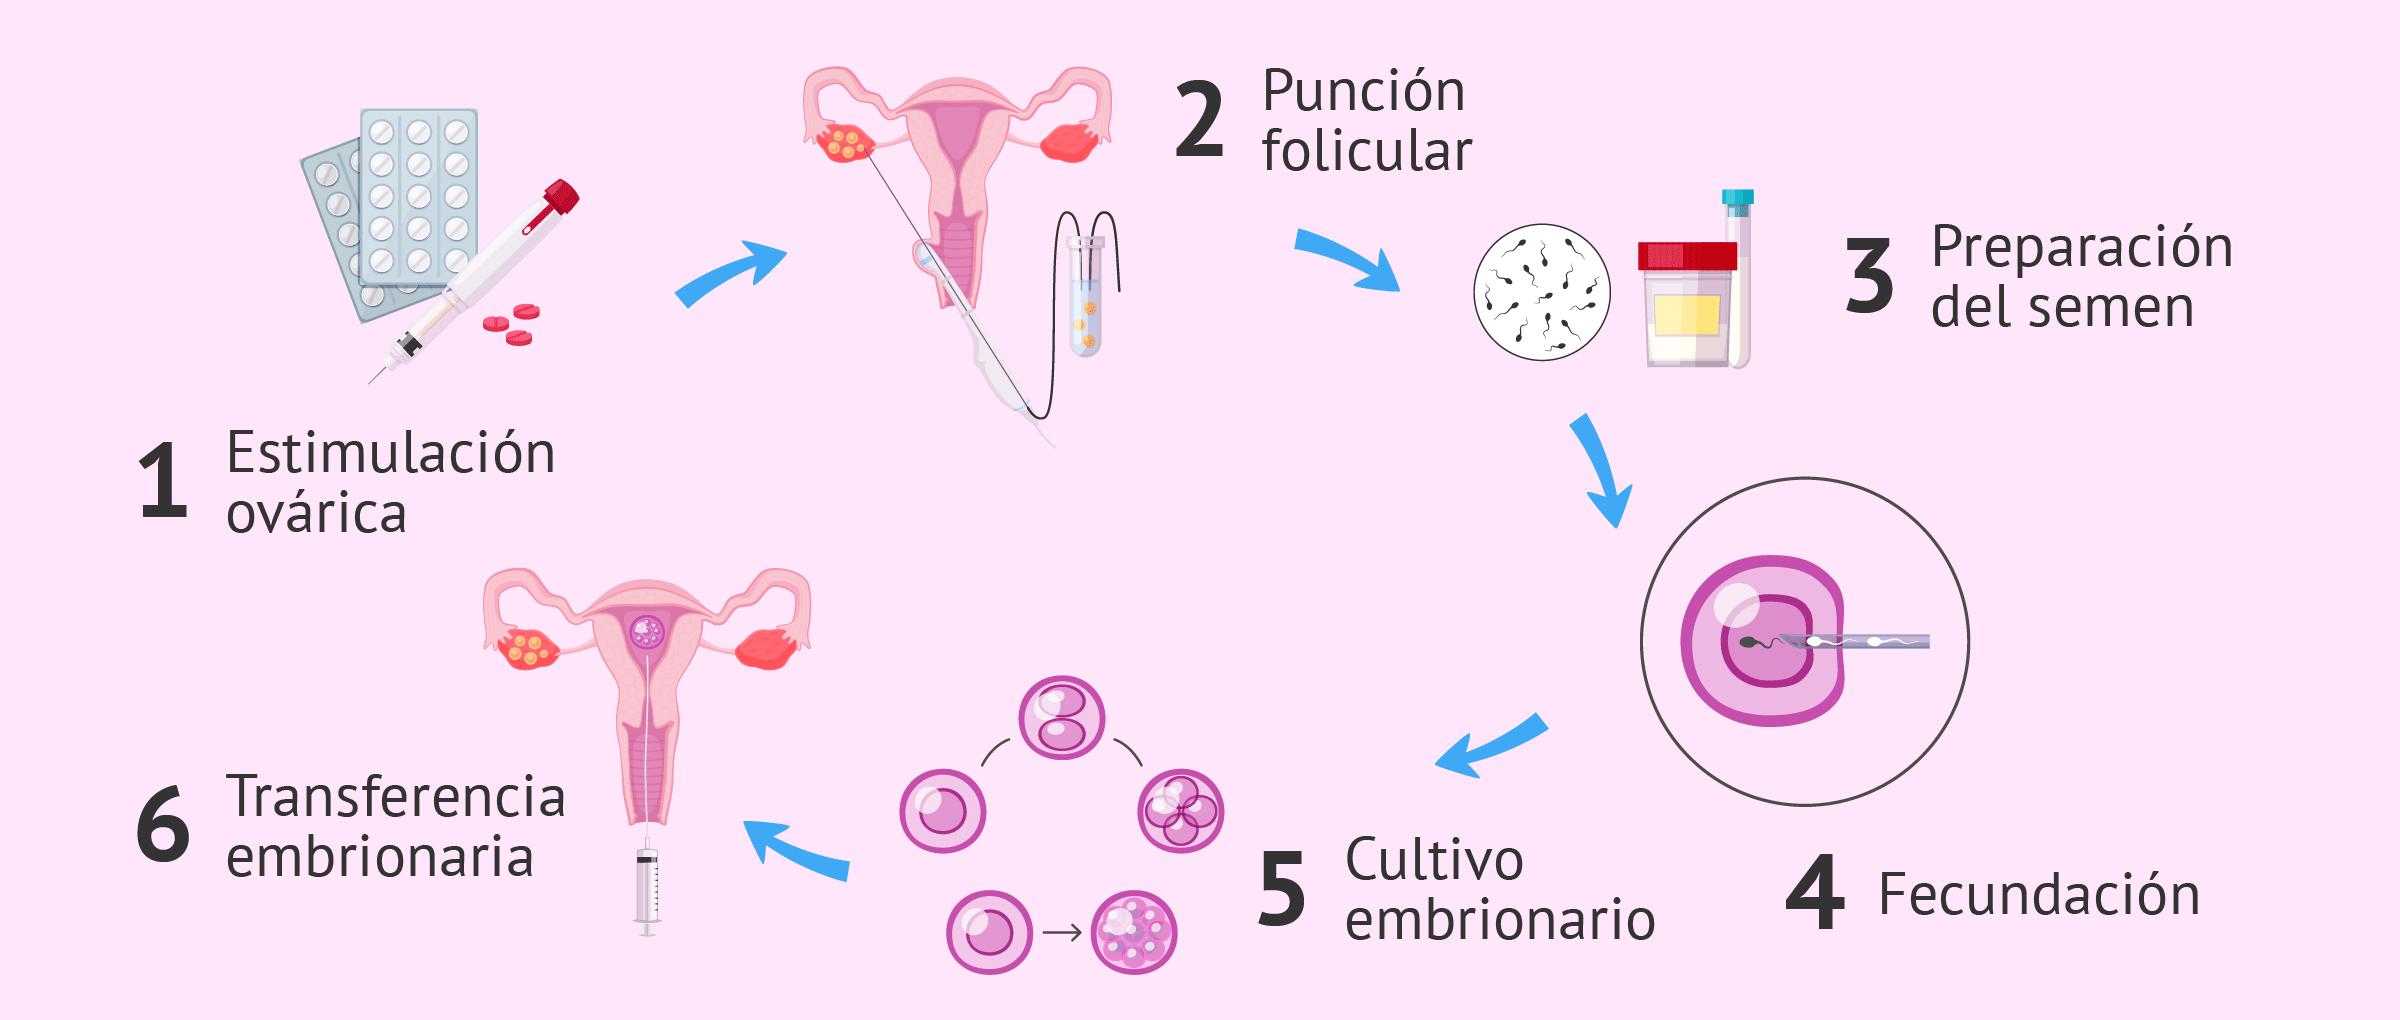 Proceso de fecundación in vitro